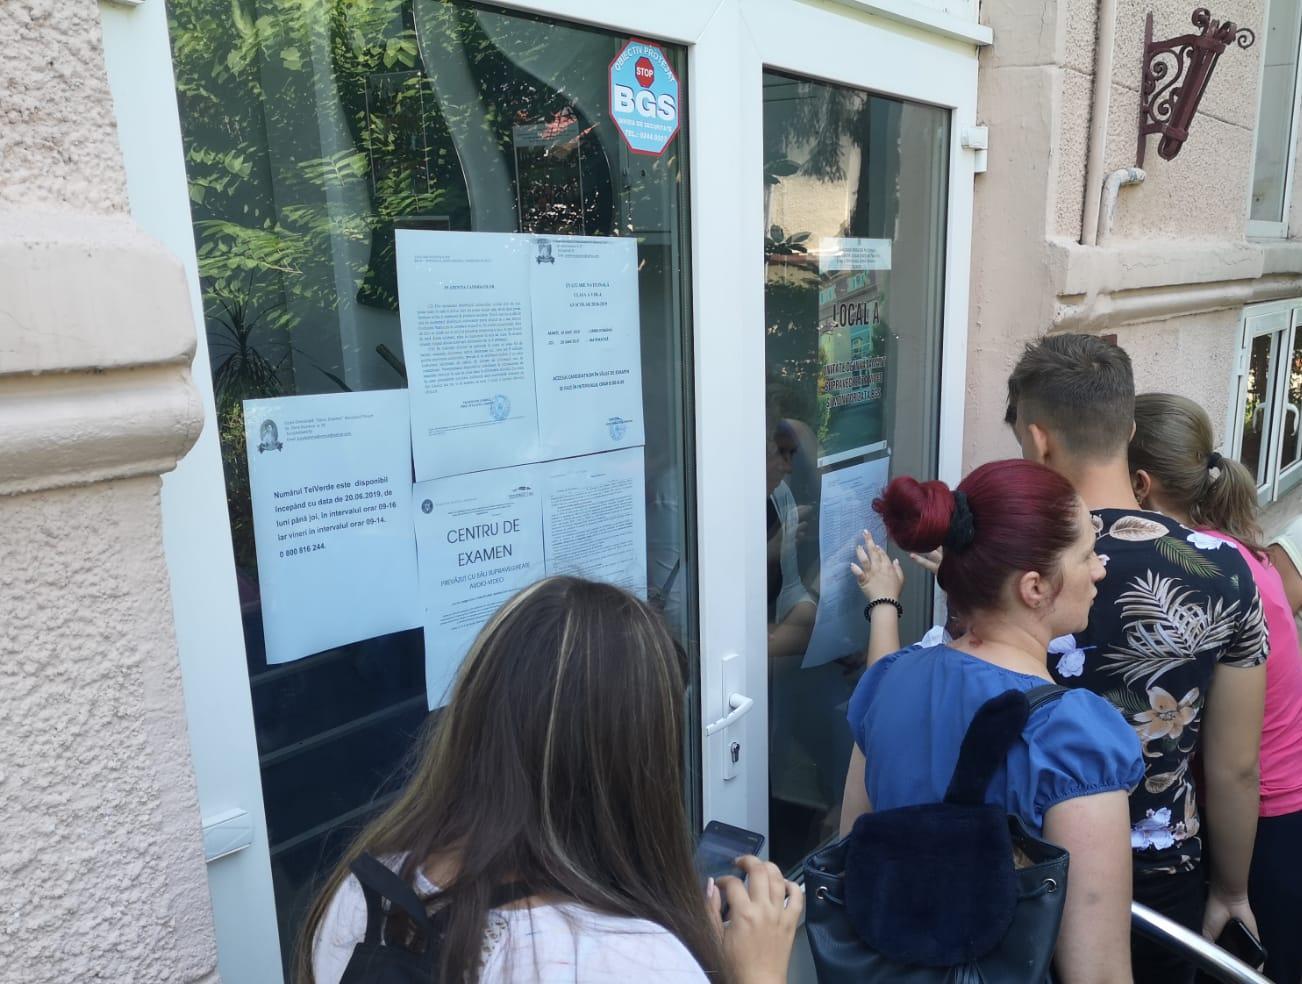 8 din cei 4851 de candidaţi din Prahova au obţinut media 10 la Evaluarea Naţională